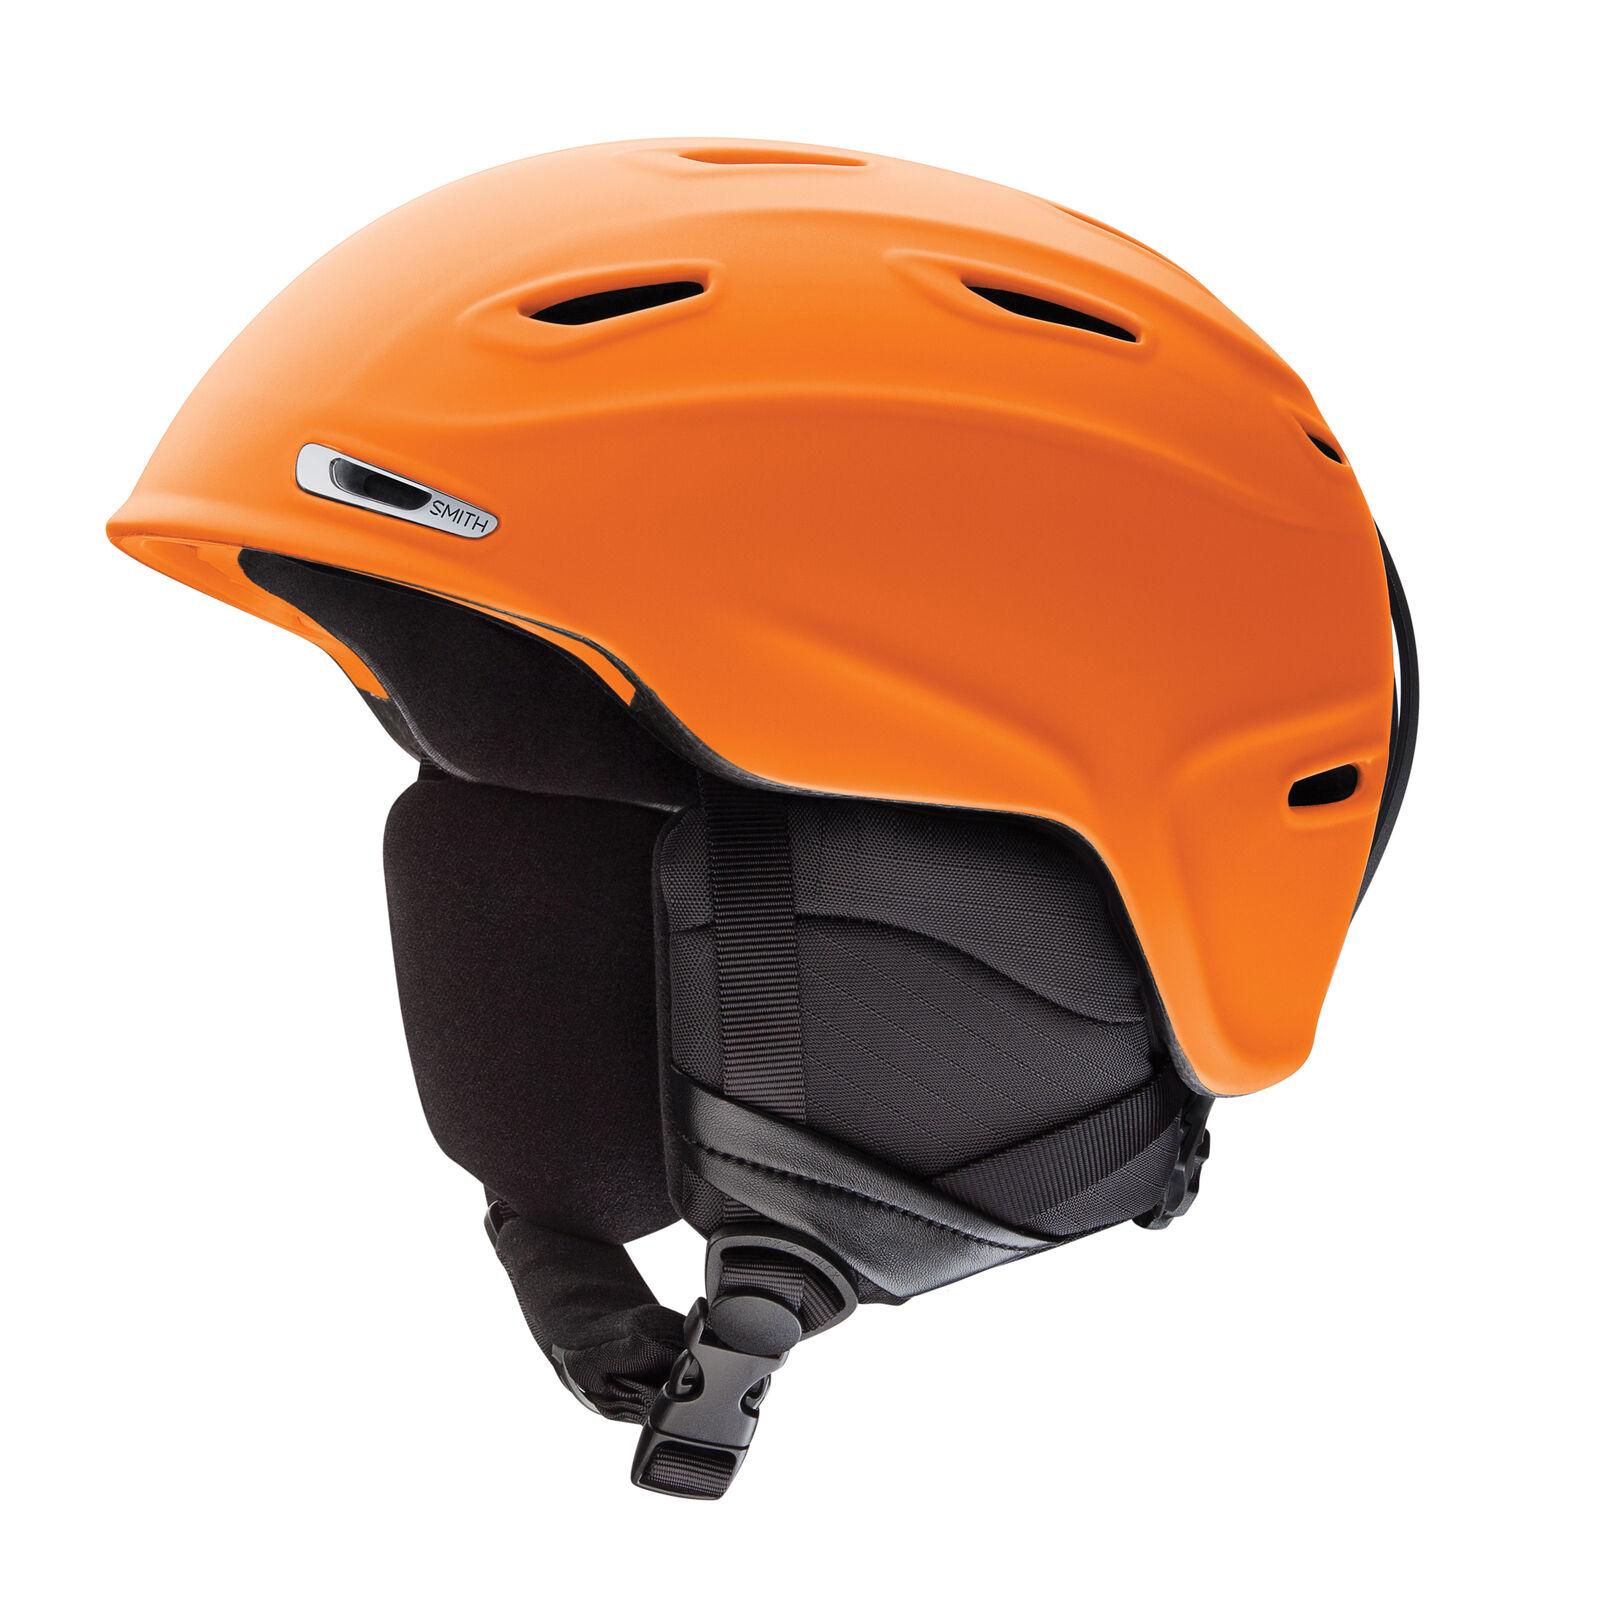 Smith Skihelm Snowboardhelm ASPECT Orange leicht Unifarben Unifarben Unifarben Belüftung 323cae